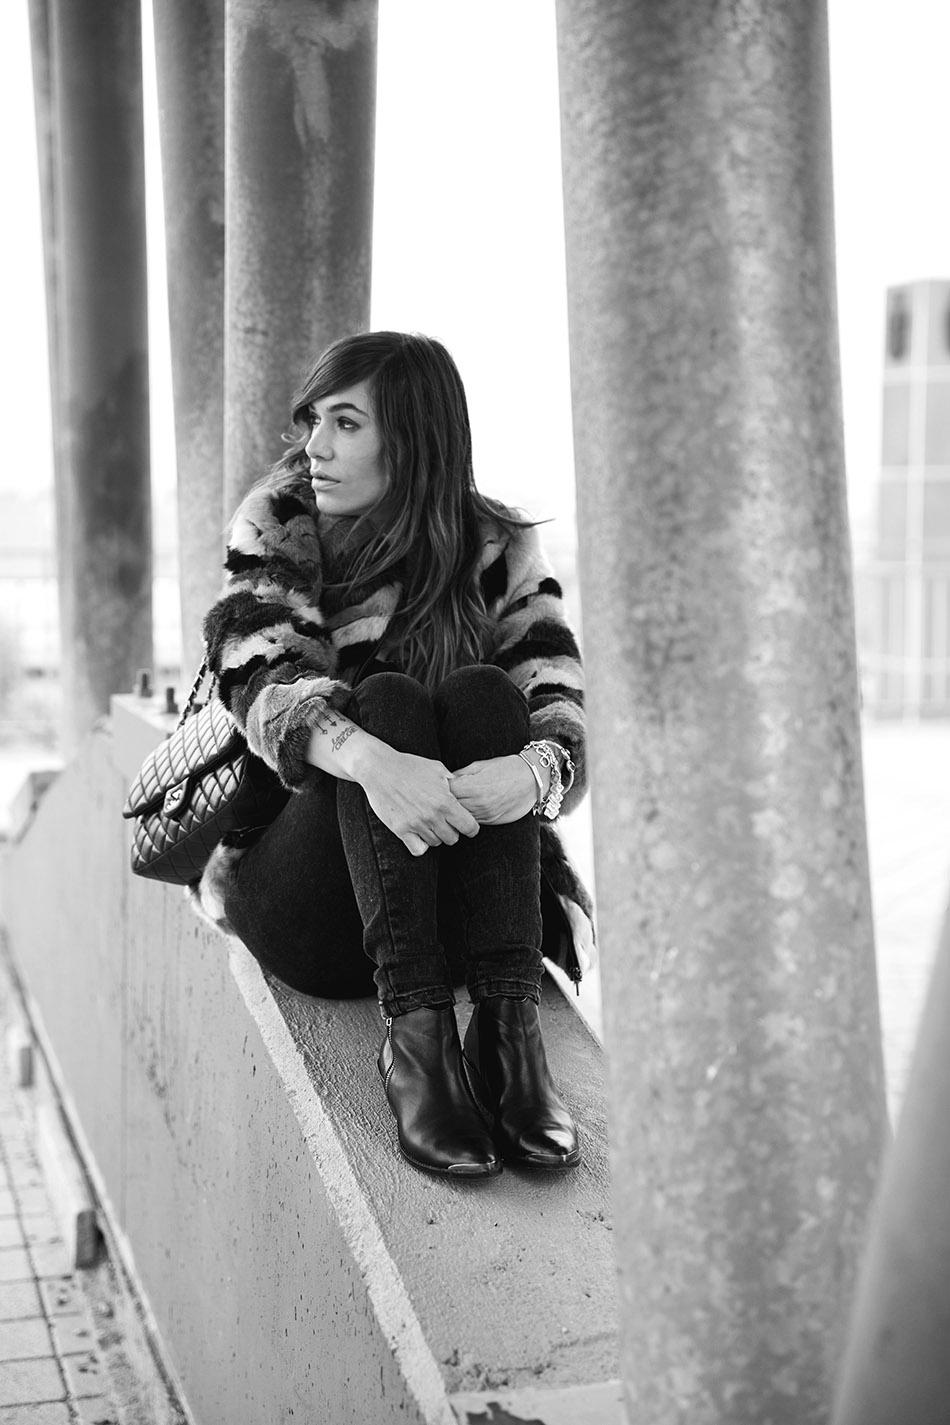 look de street style con chaqueta de pelo de conejo en tonos grises, mono vaquero de color negro, botines de cuero y bolso de chanel